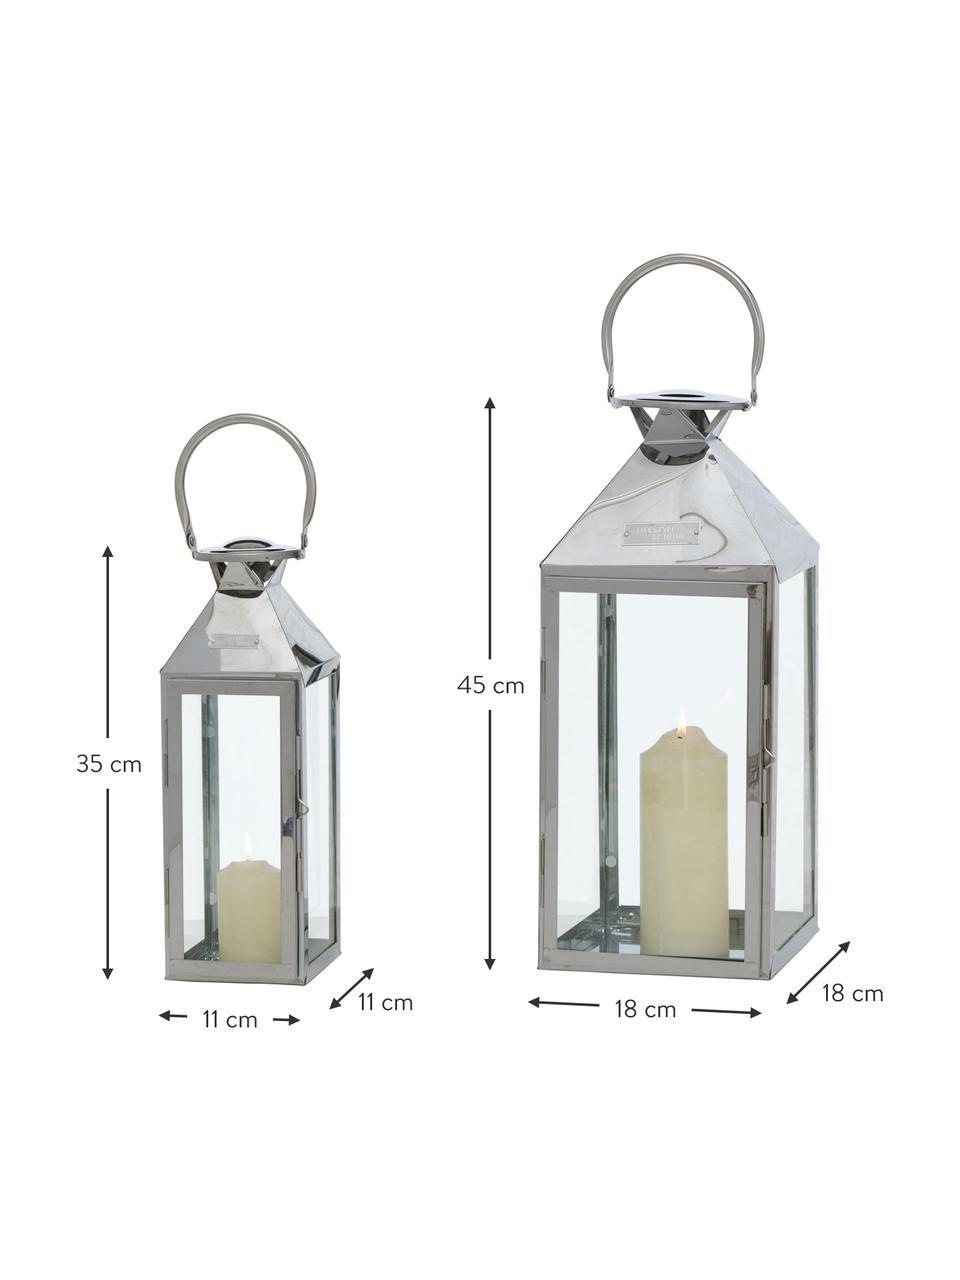 Súprava lampášov Jason, 2 diely, Nehrdzavejúca oceľ